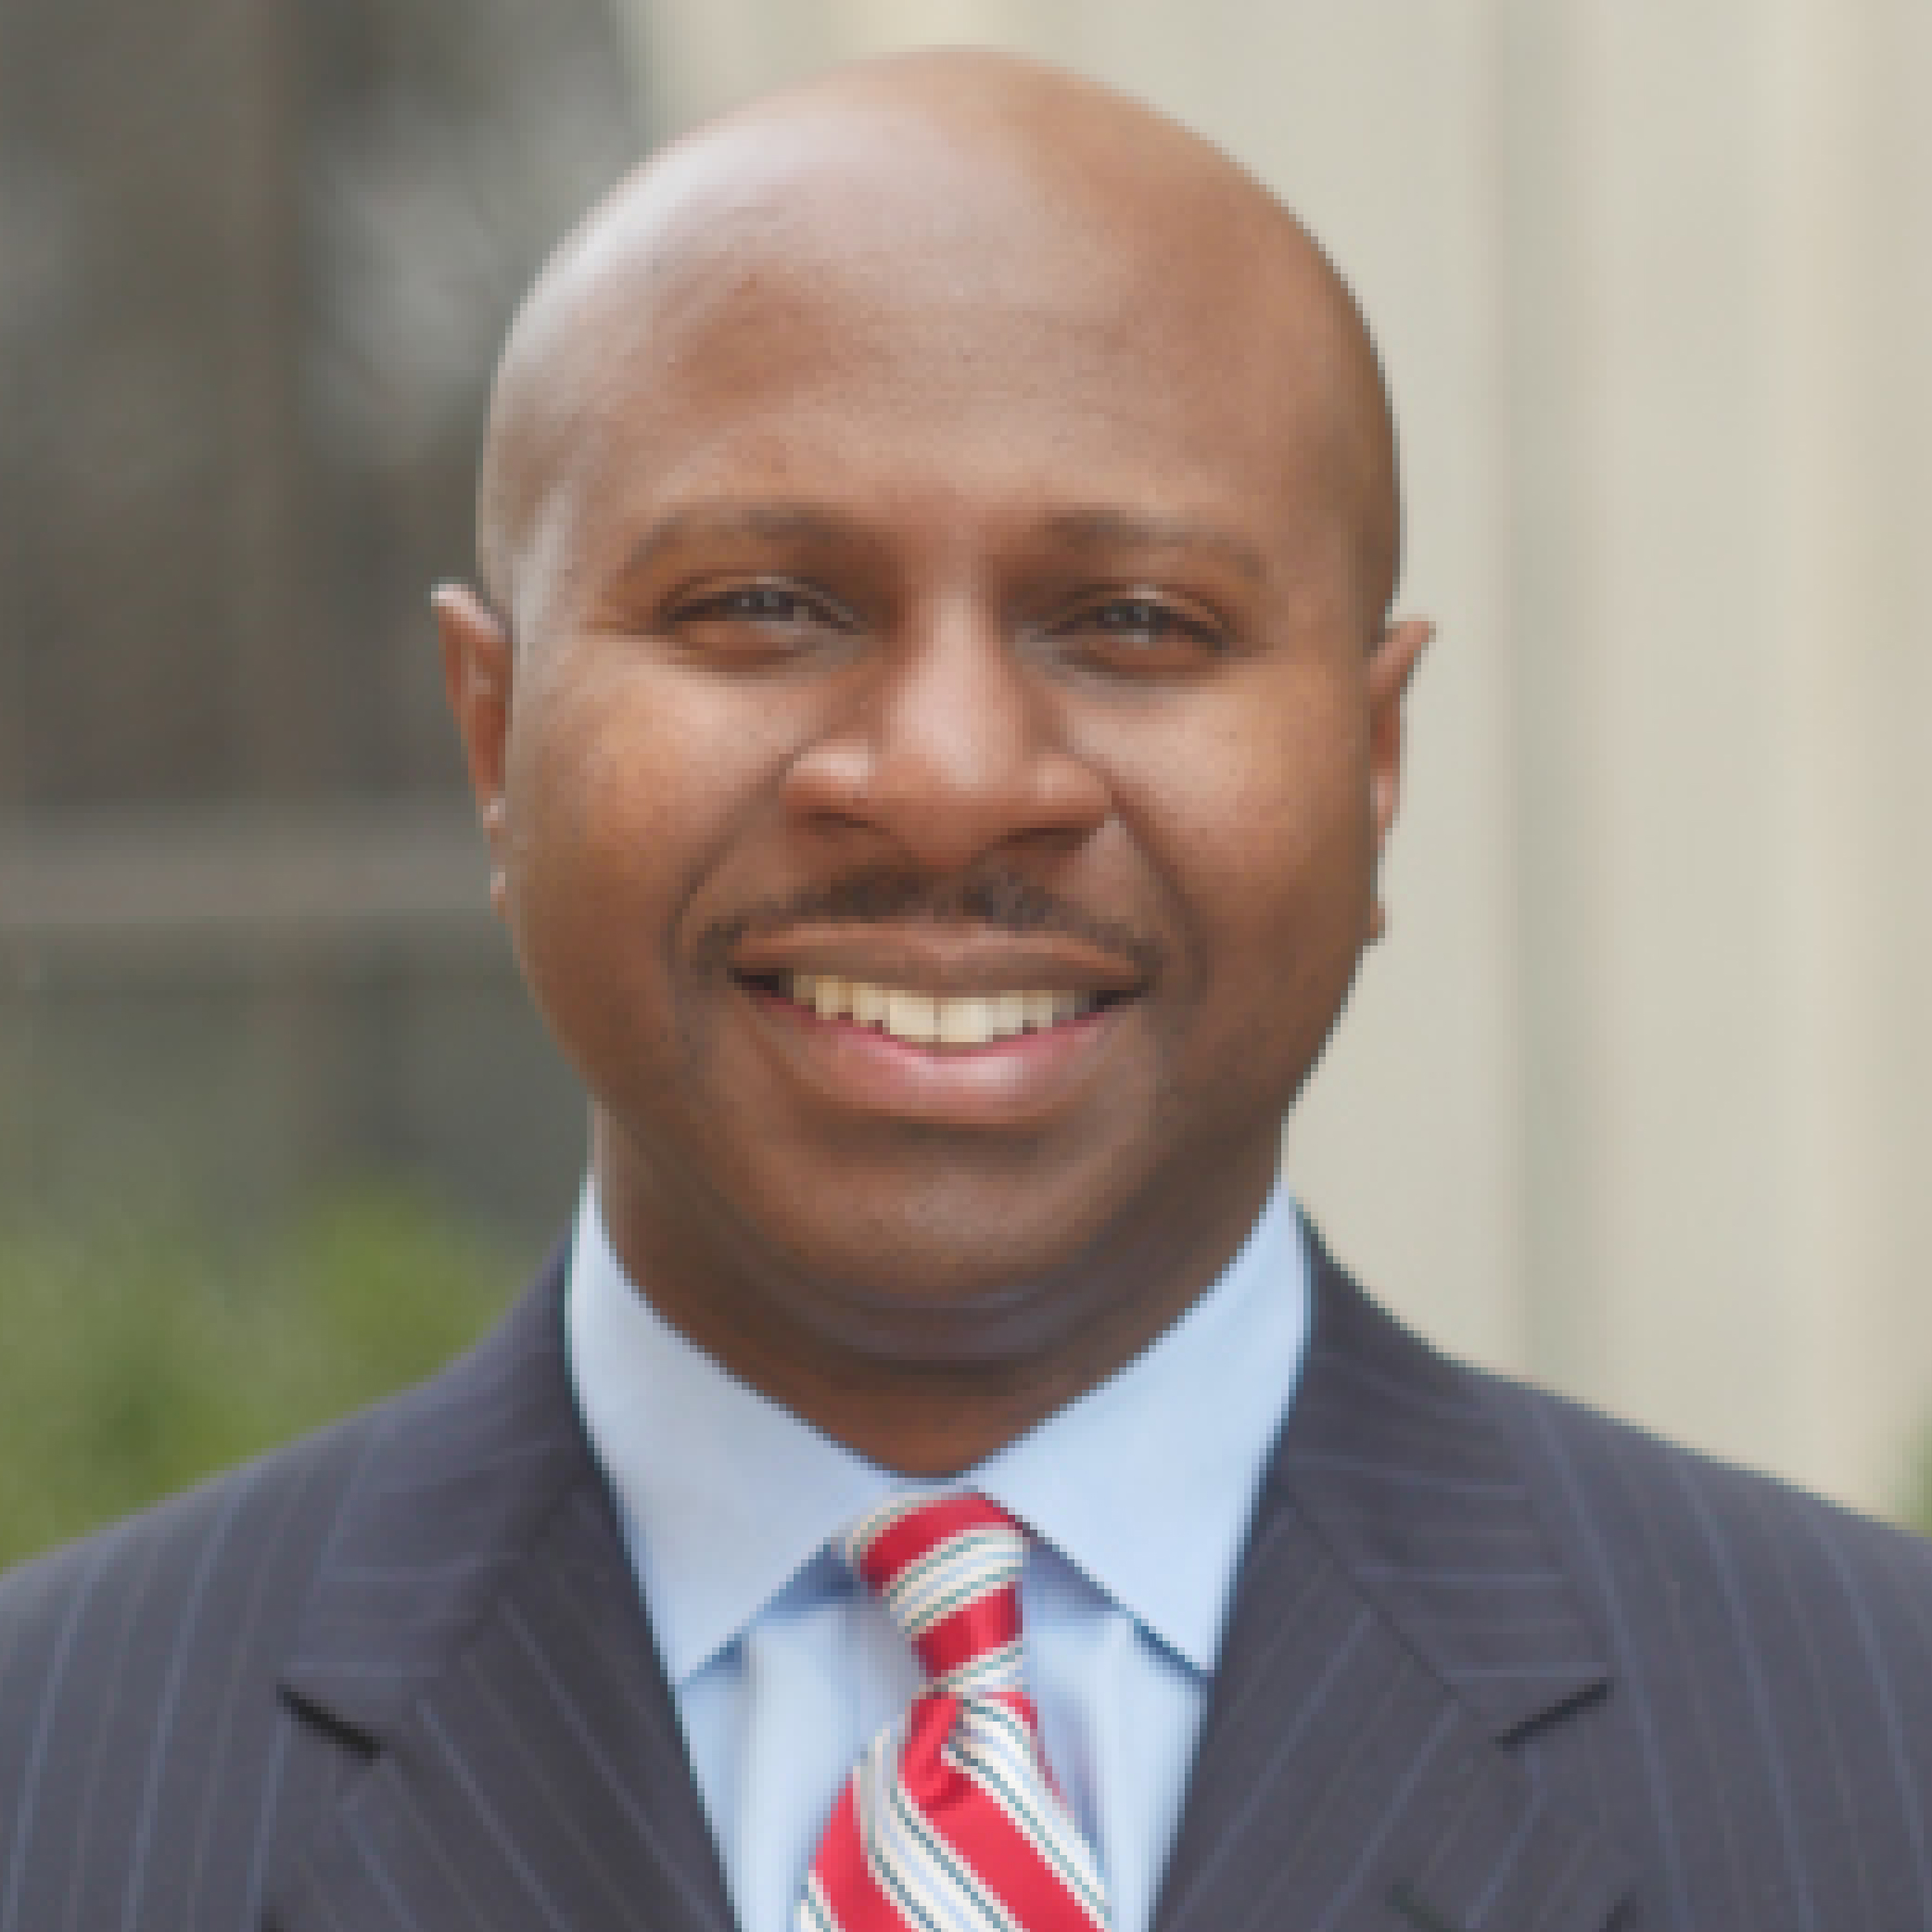 portrait of Brian E. Smith